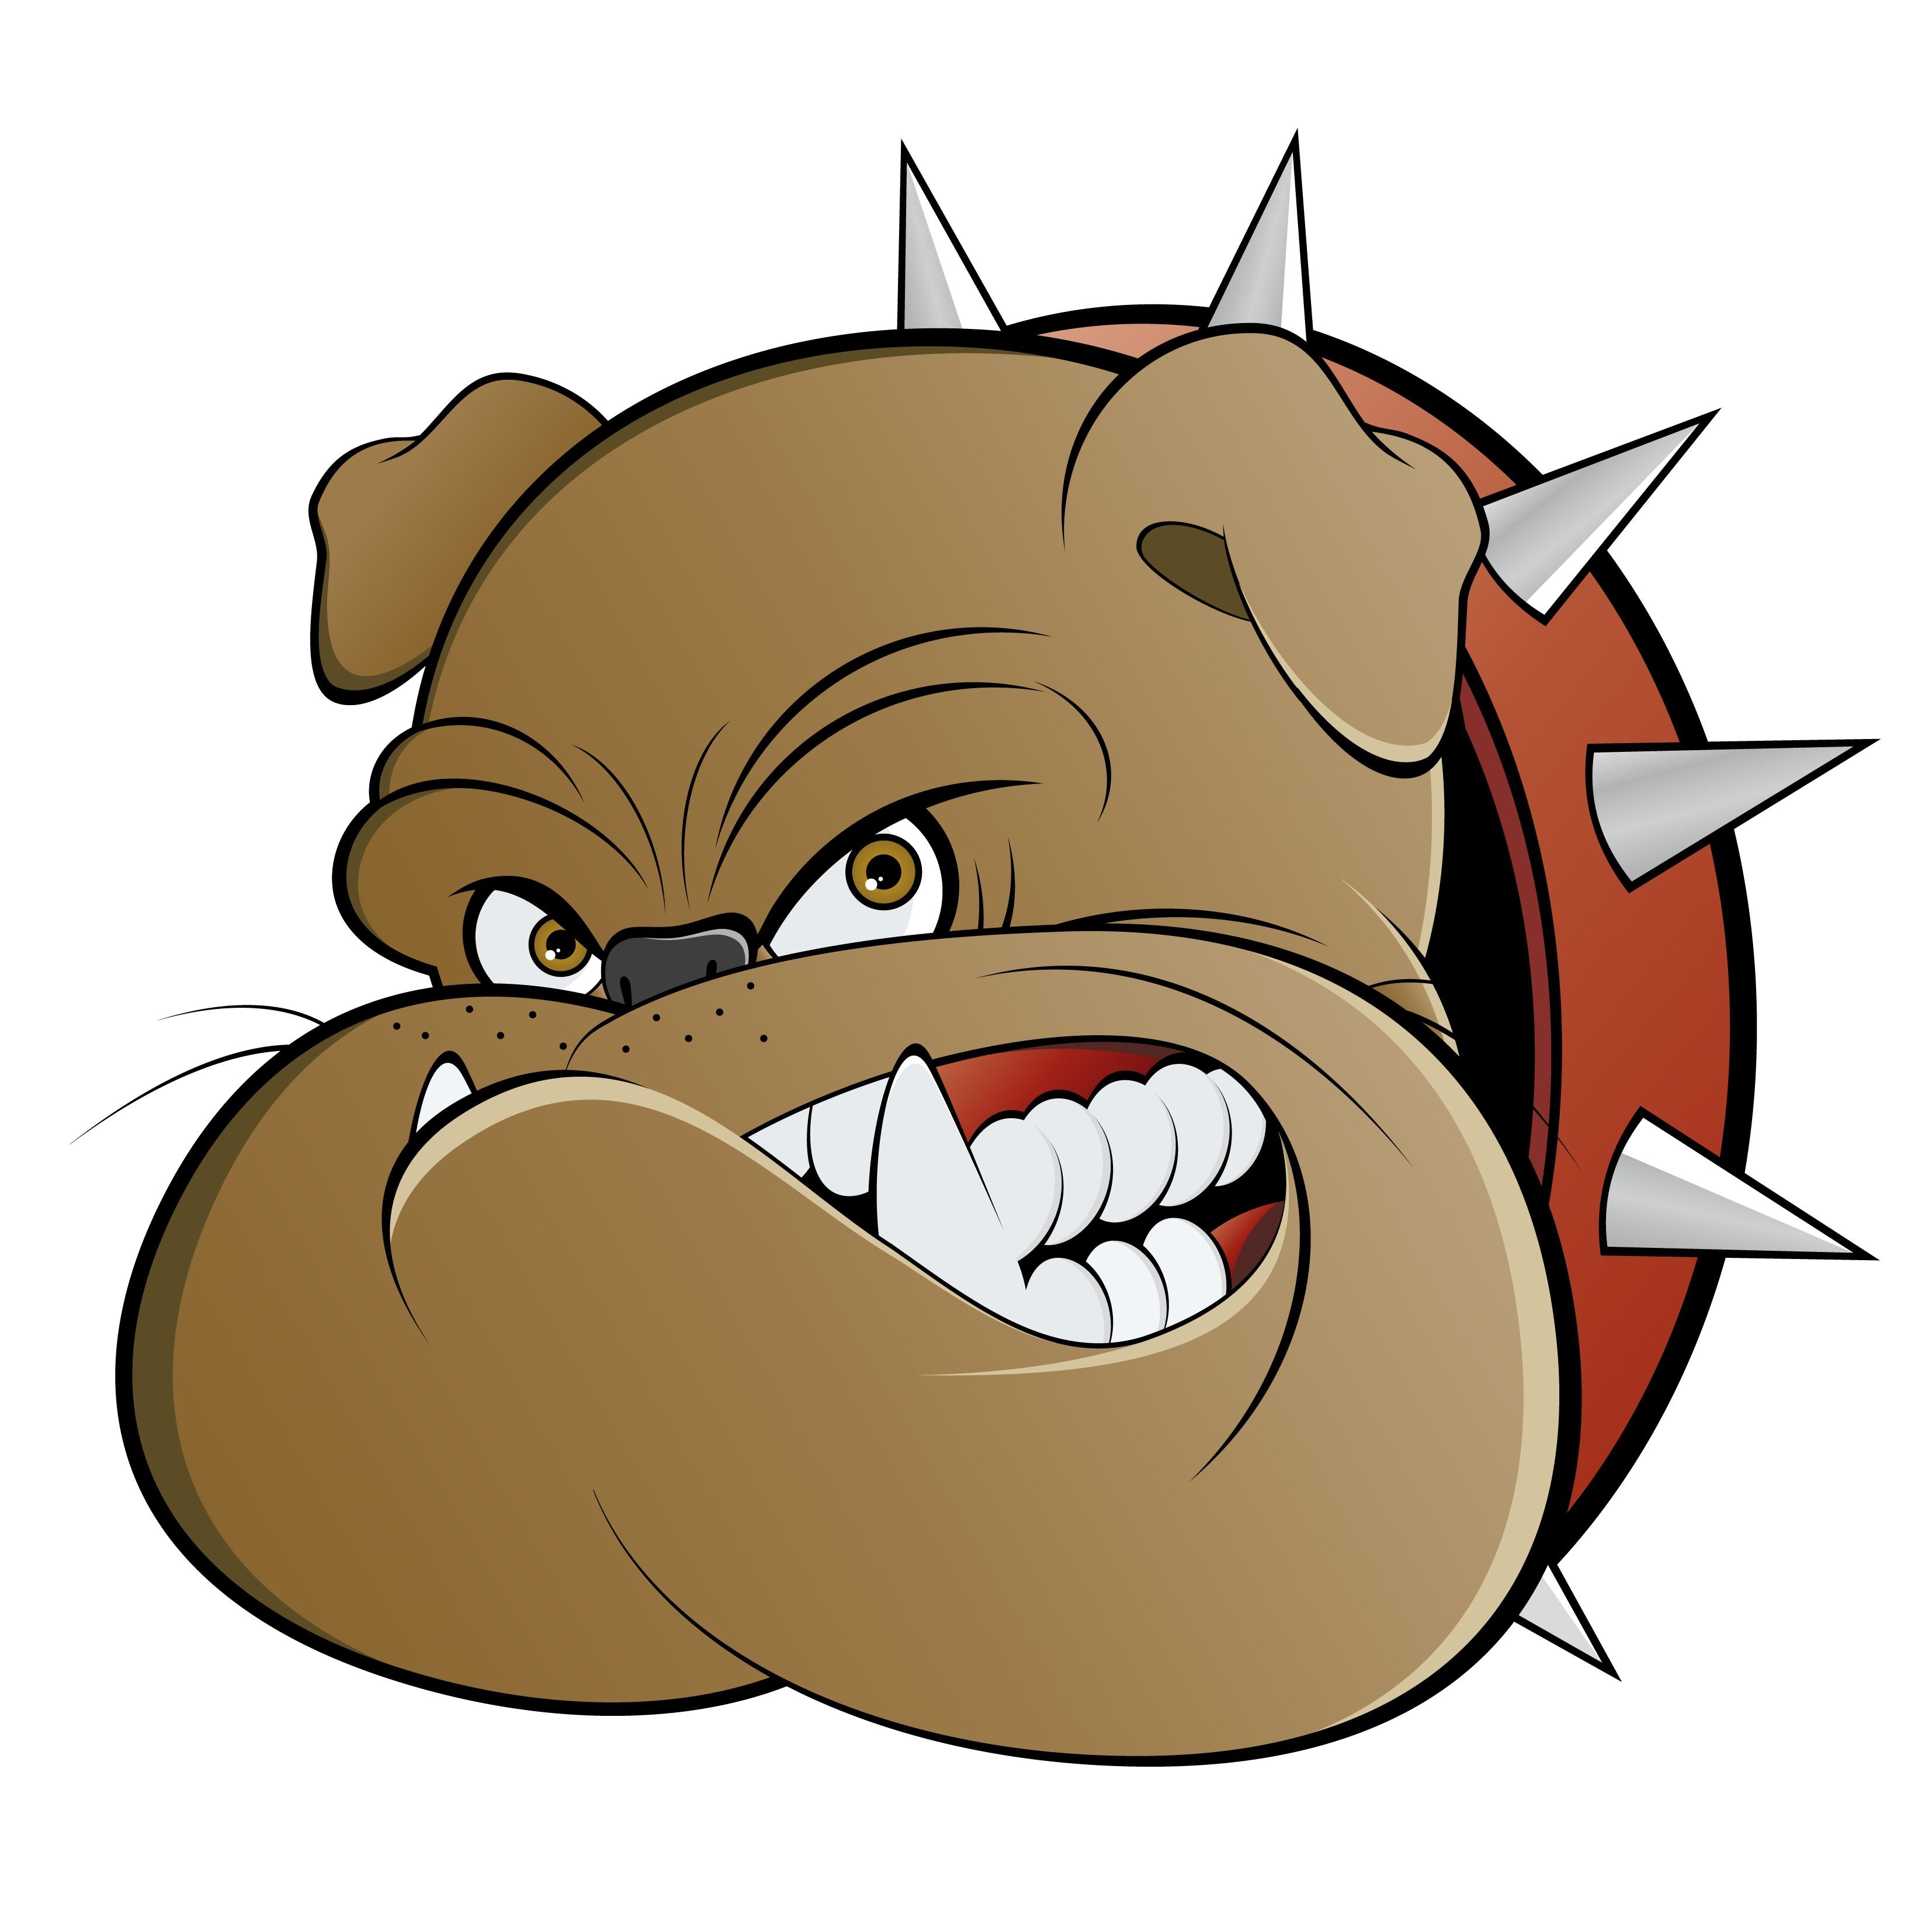 Angry cartoon watch dog.